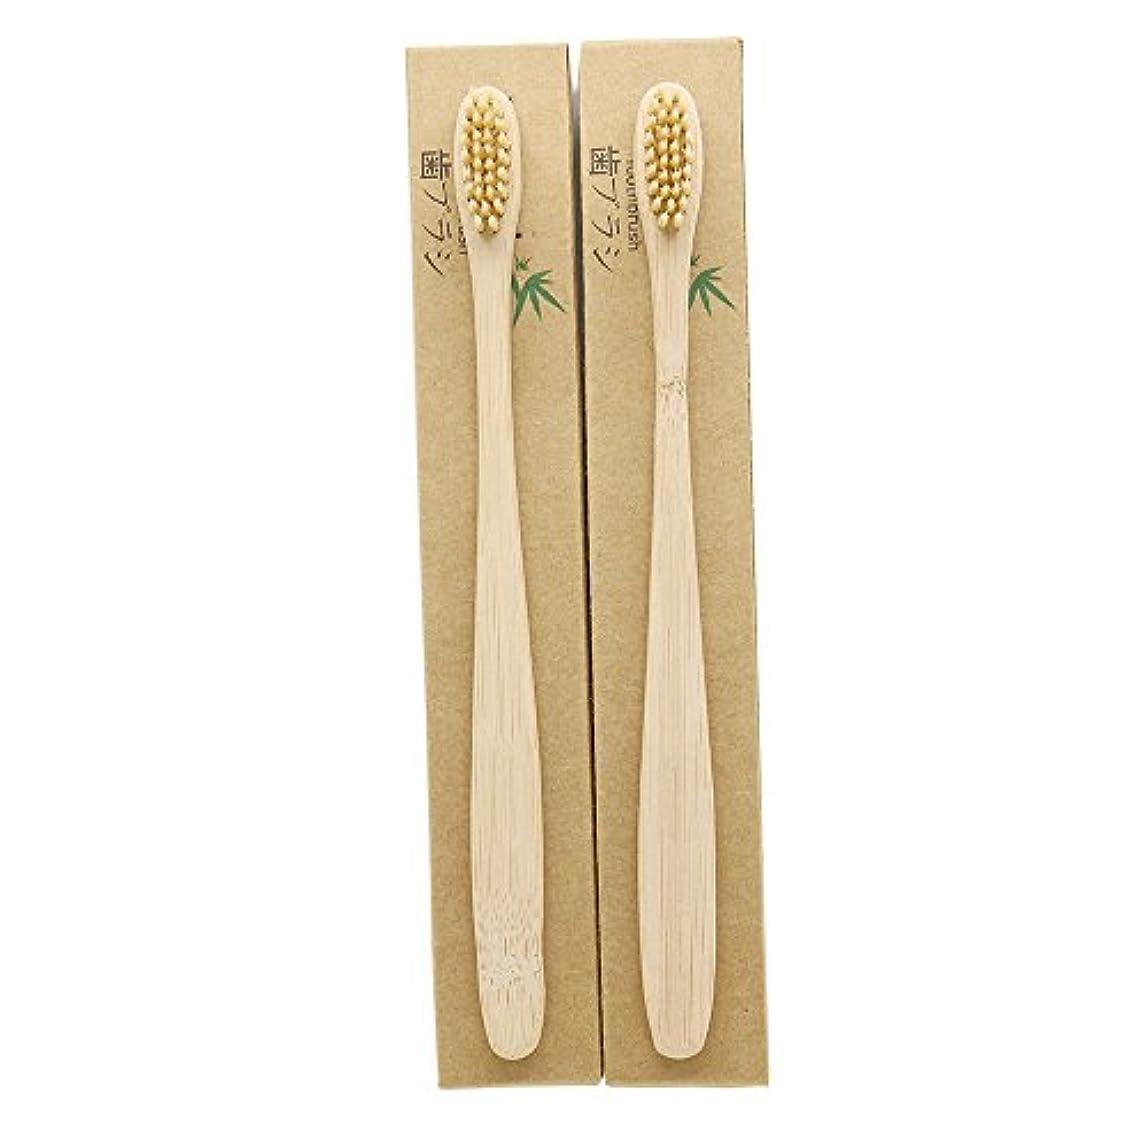 堀症候群ブームN-amboo 竹製耐久度高い 歯ブラシ 2本入り セット エコ ヘッド小さい クリ—ム色